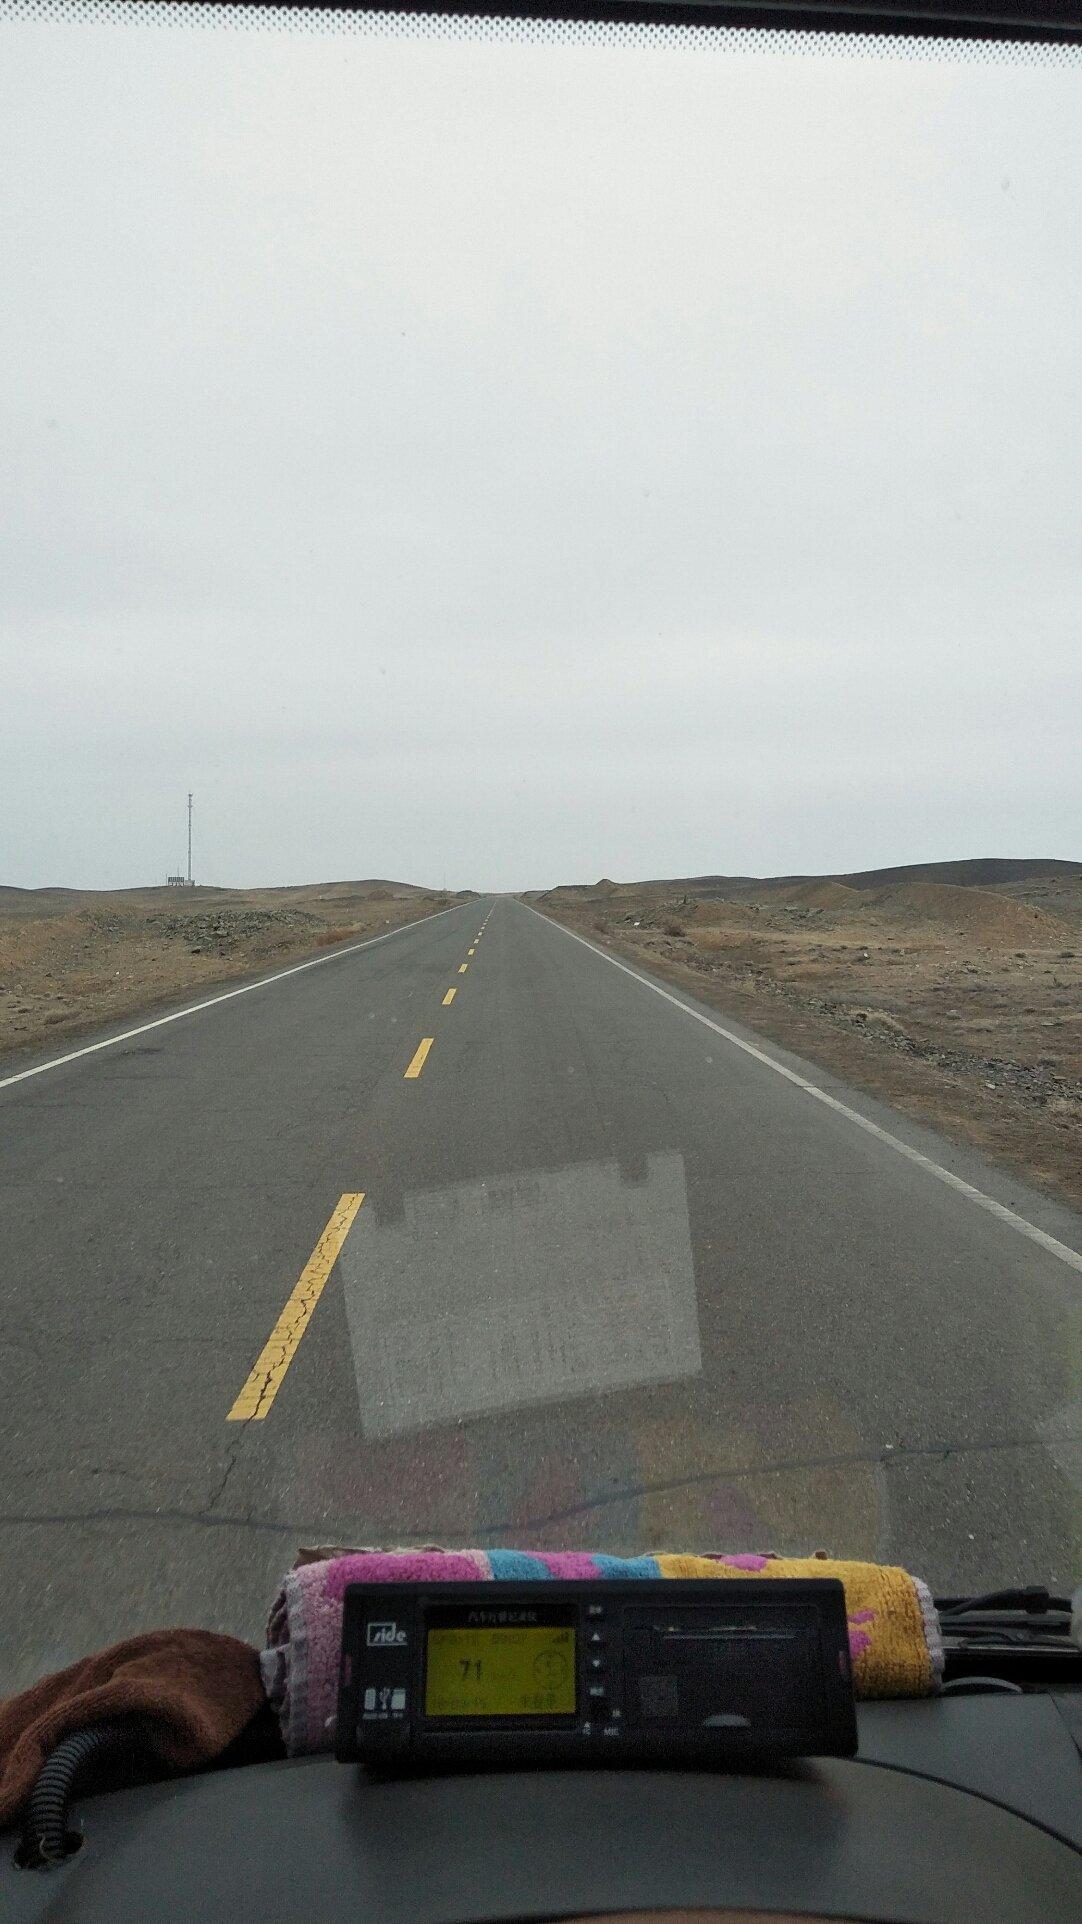 新疆维吾尔自治区阿勒泰地区富蕴县216国道天气预报